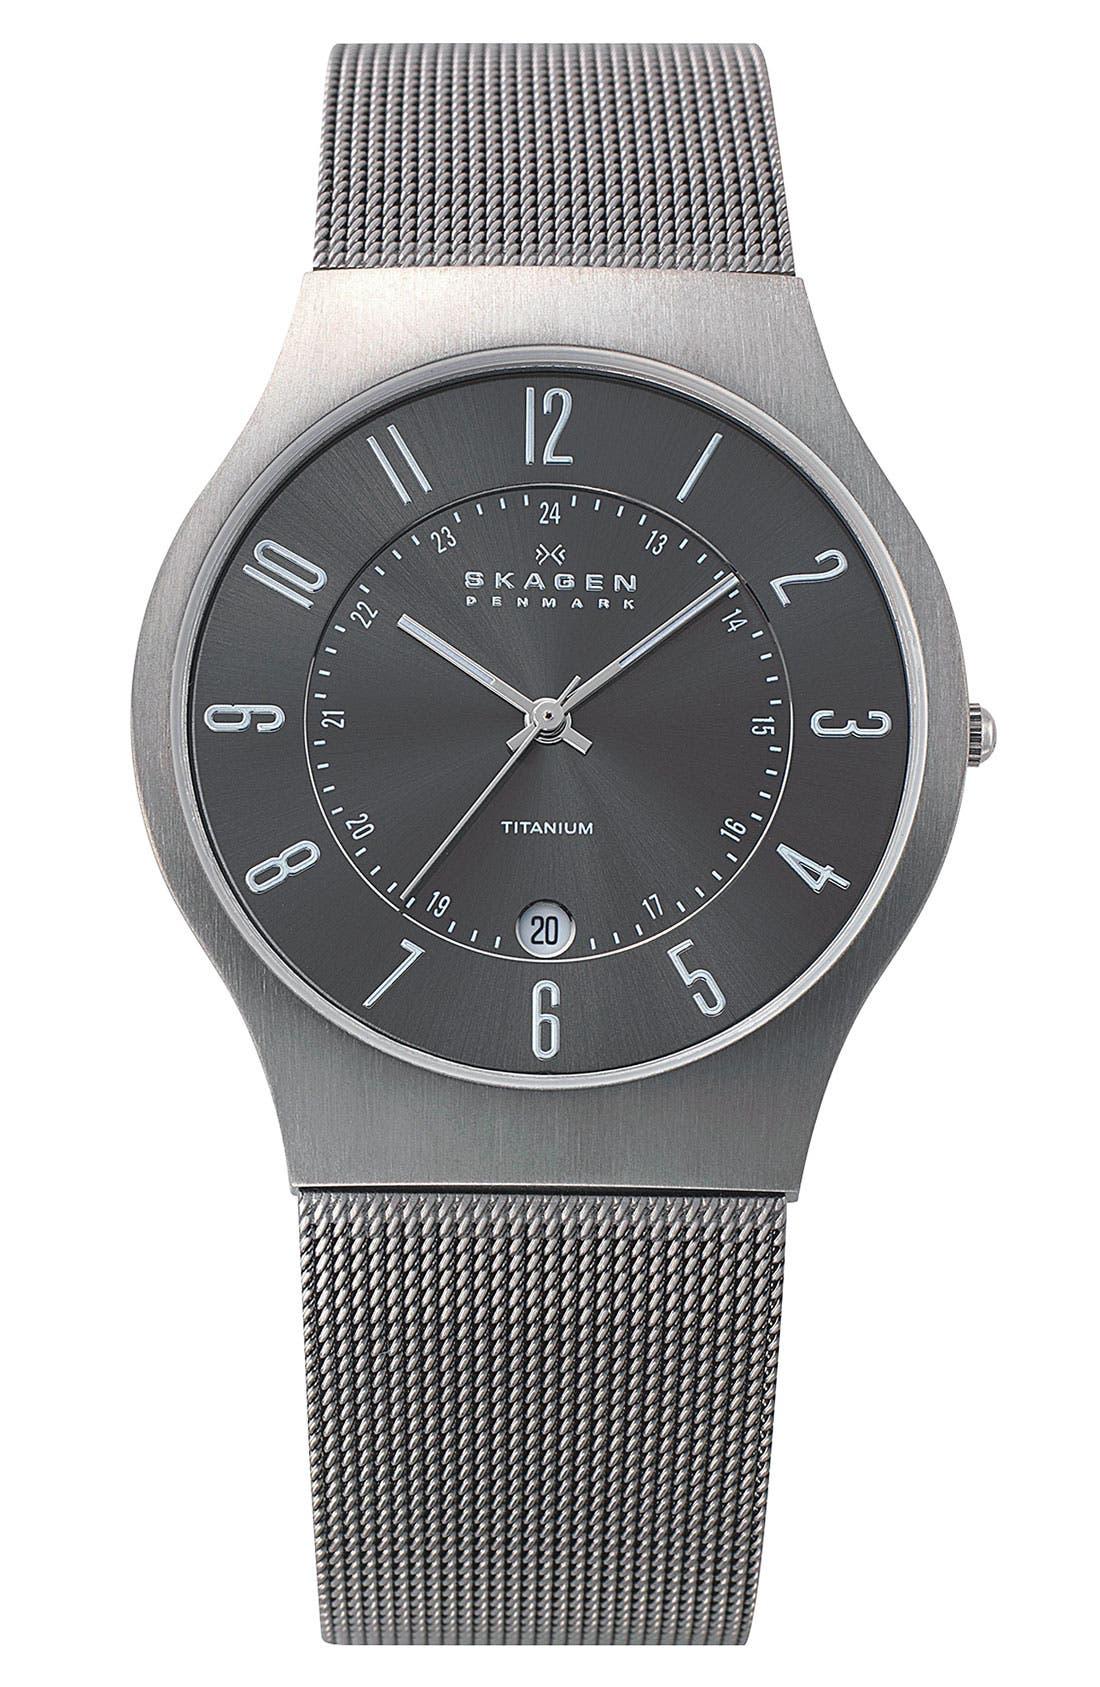 Skagen 'Grenen' Titanium Case Watch